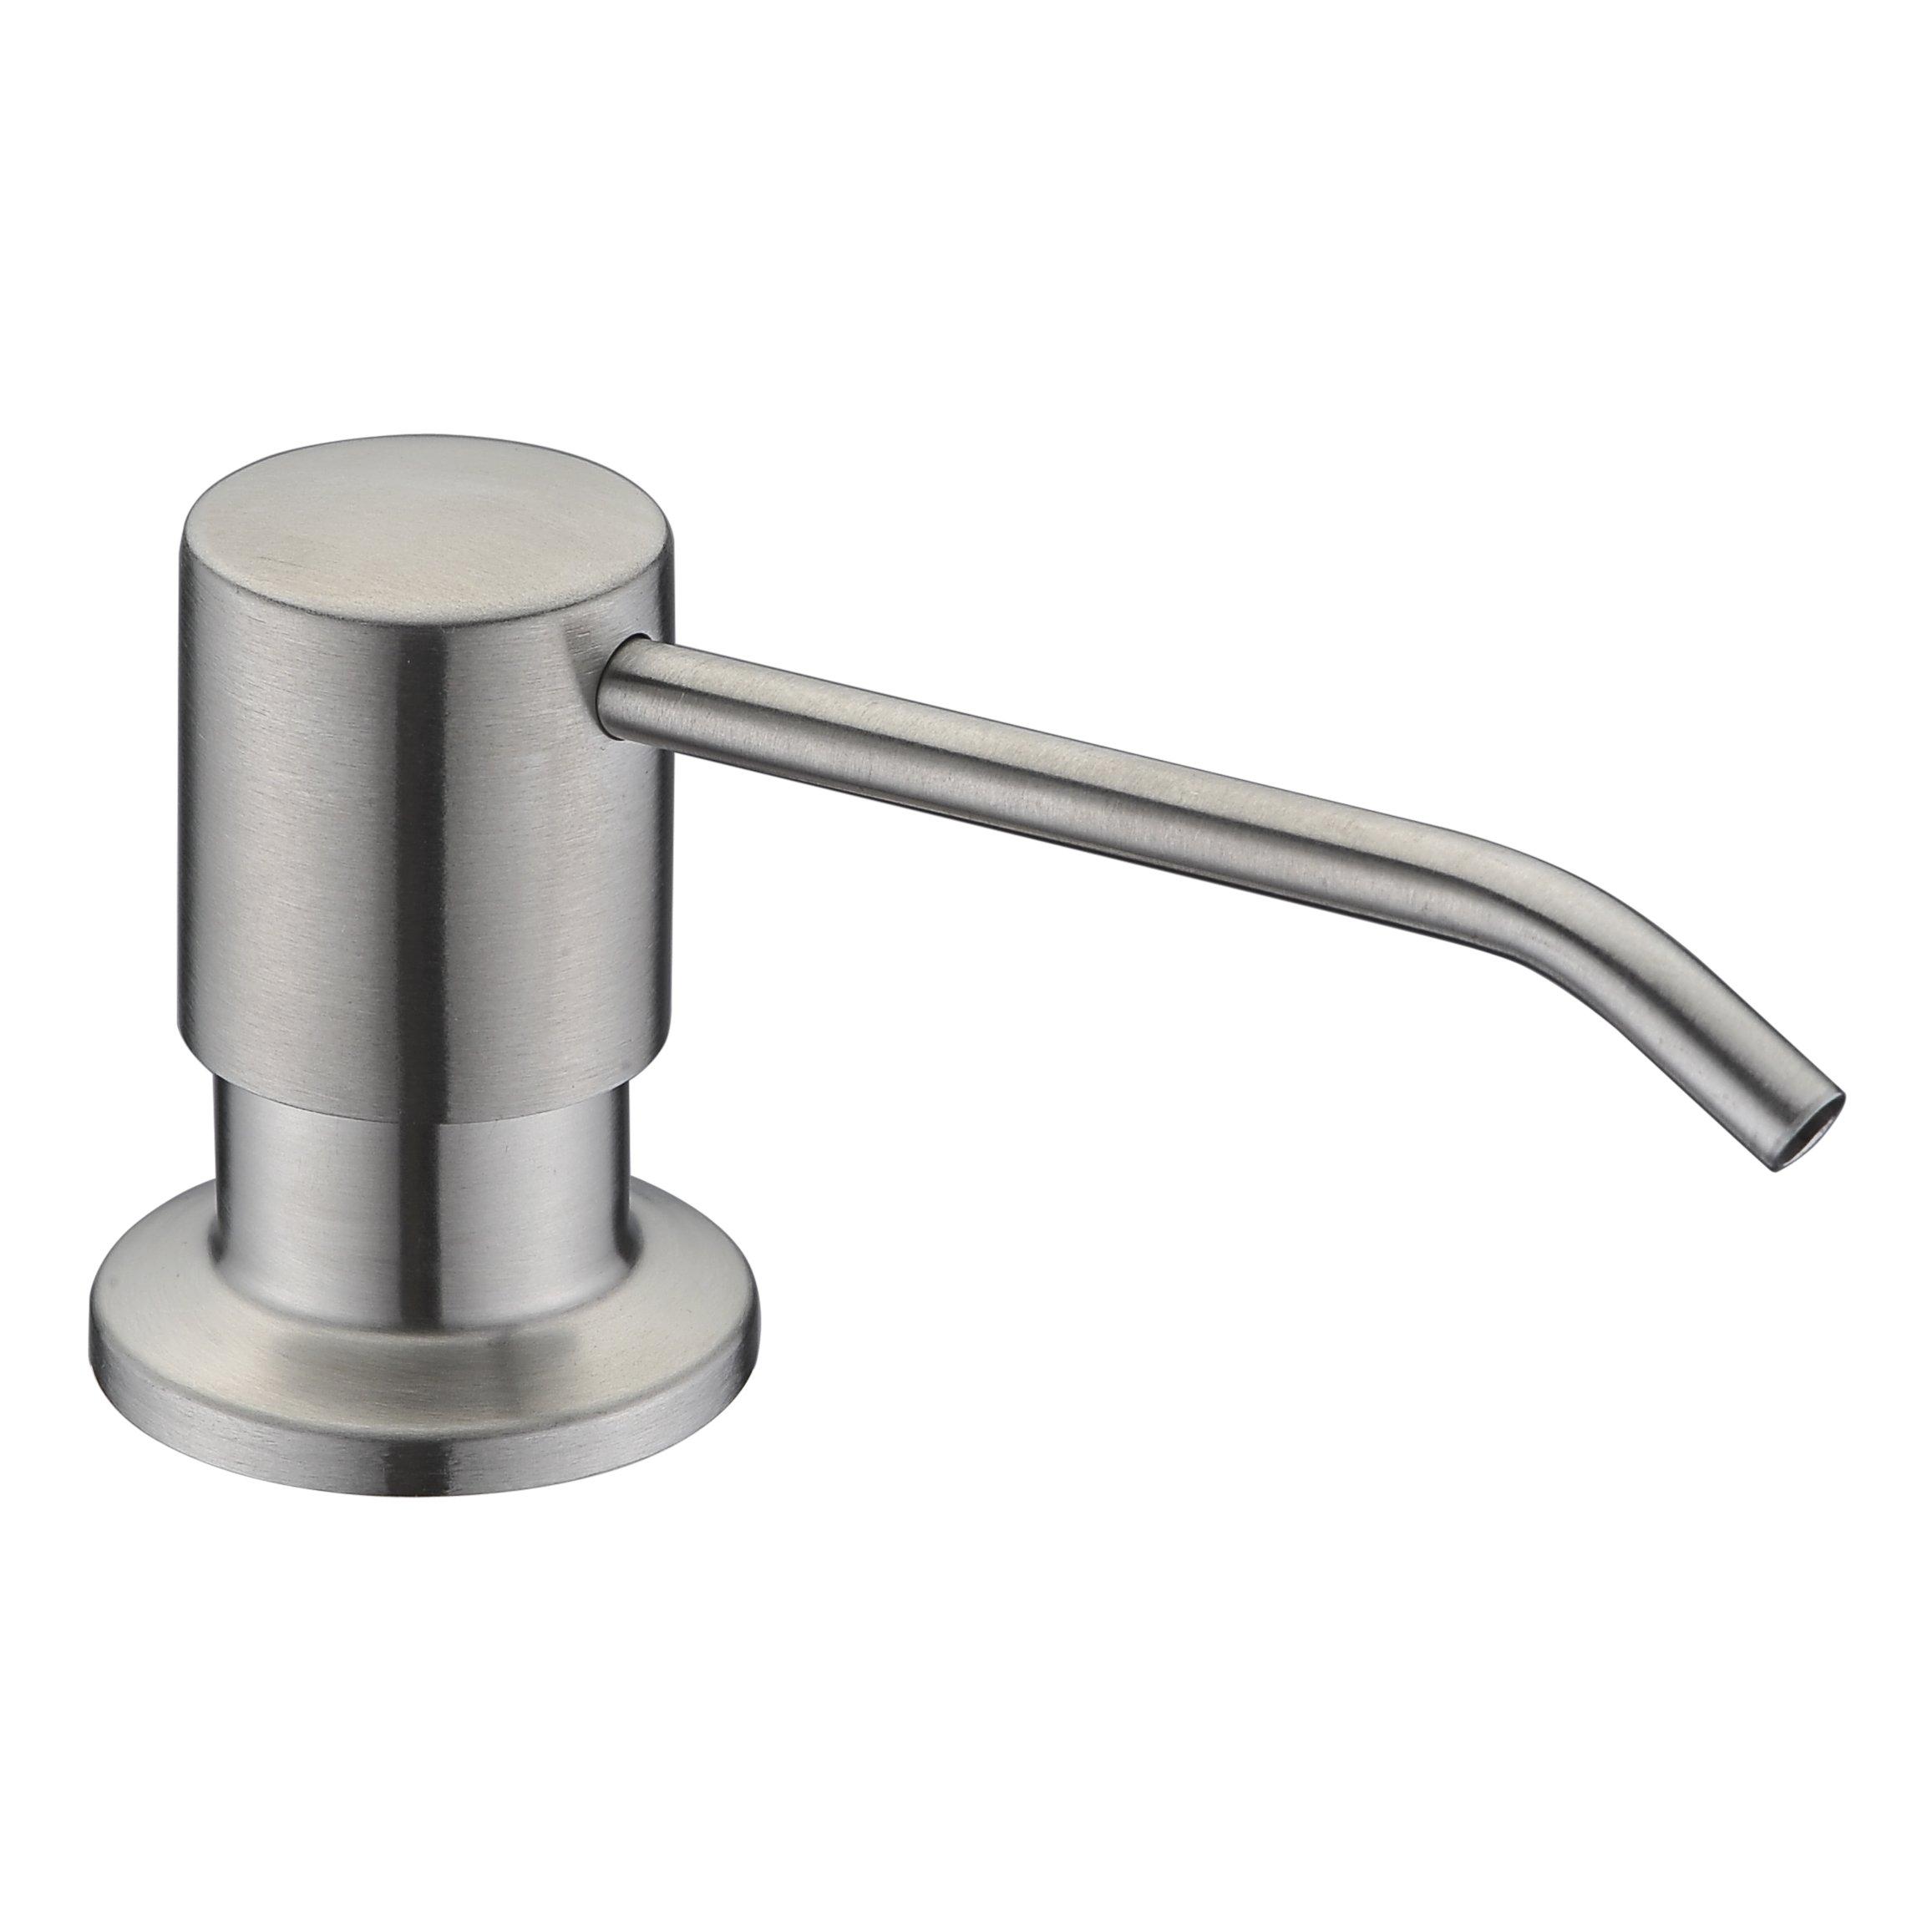 WENKEN Sink Soap Dispenser Best Stainless Steel Built in Pump Kitchen Soap Dispenser Large Capacity 17 OZ Bottle Brushed Nickel